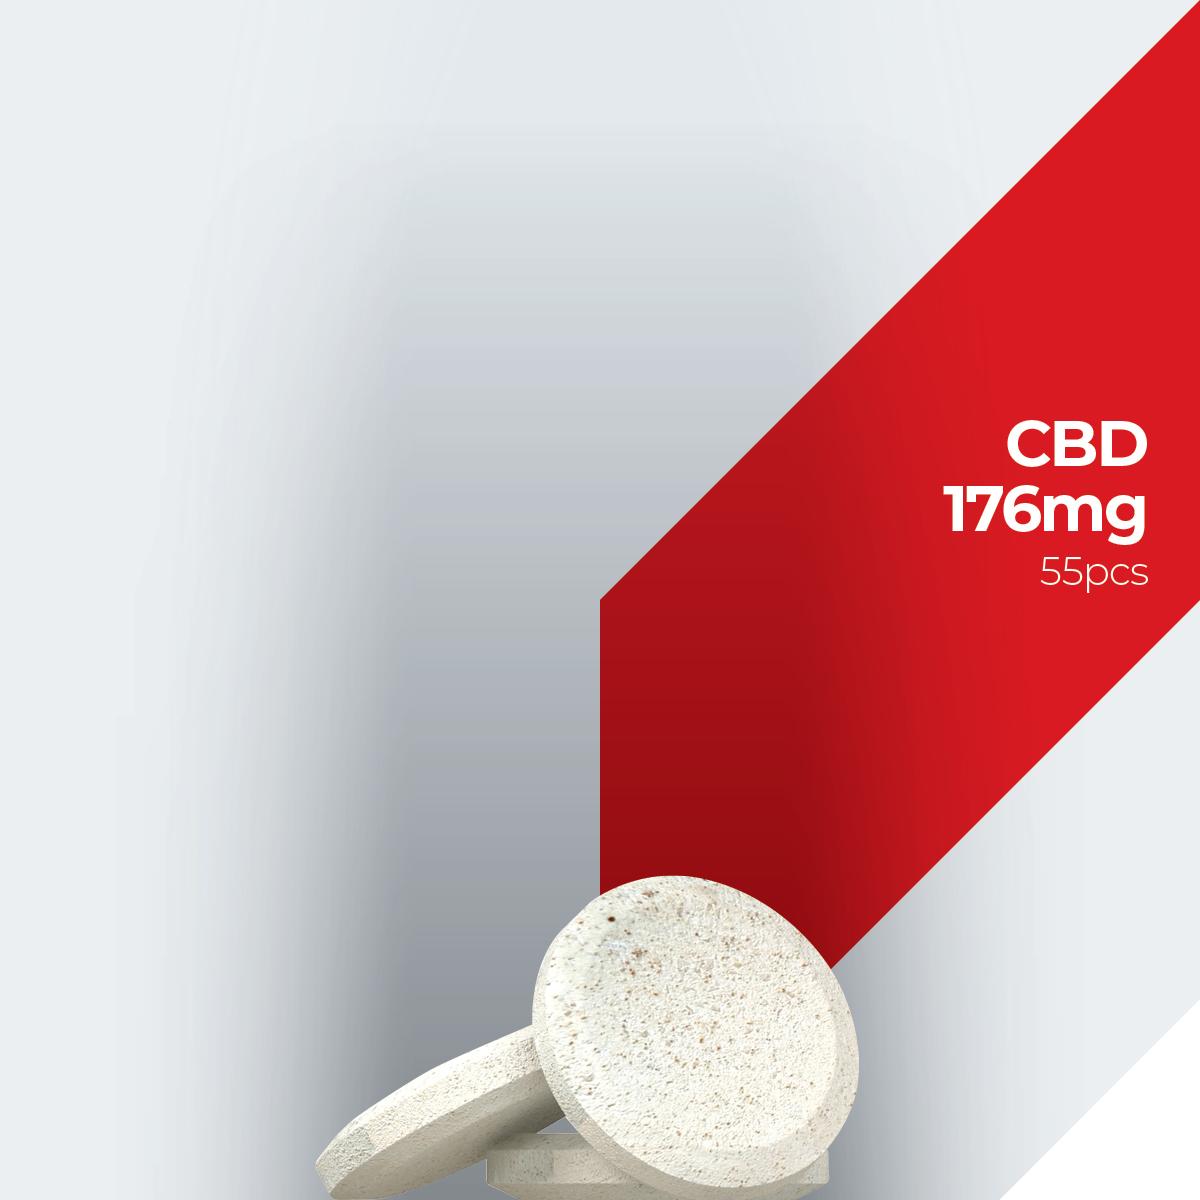 Labocan white label and private label cbd 176mg (55pcs)